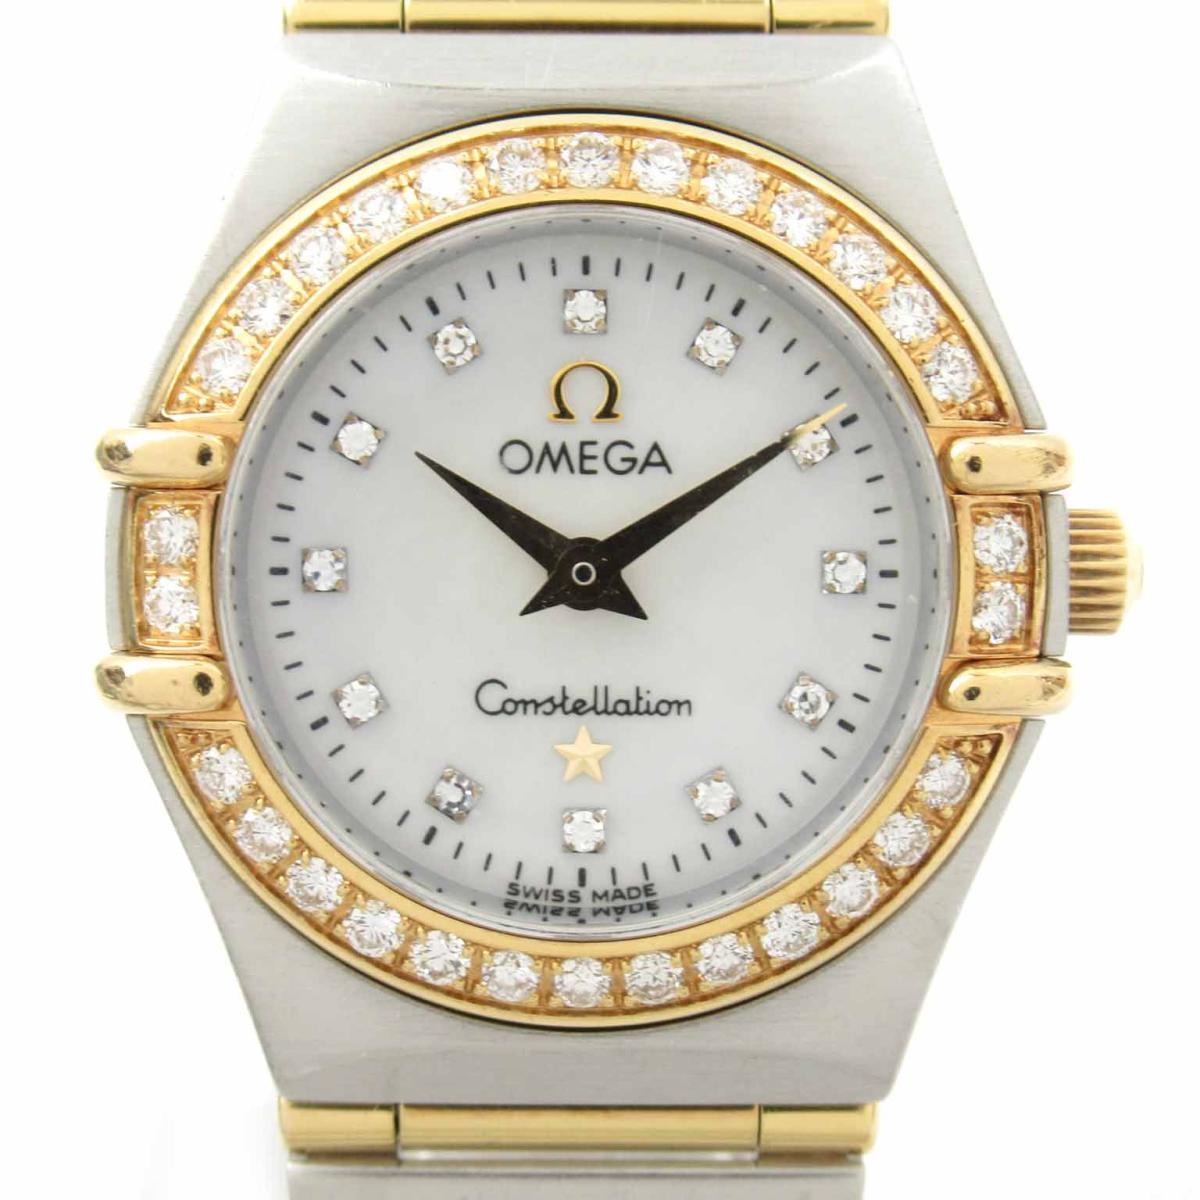 ≪期間限定≫メルマガ登録でクーポンGET! 【中古】 オメガ コンステレーション ミニ ダイヤベゼル   OMEGA BRANDOFF ブランドオフ レディース ブランド ブランド時計 ブランド腕時計 腕時計 時計 ウォッチ